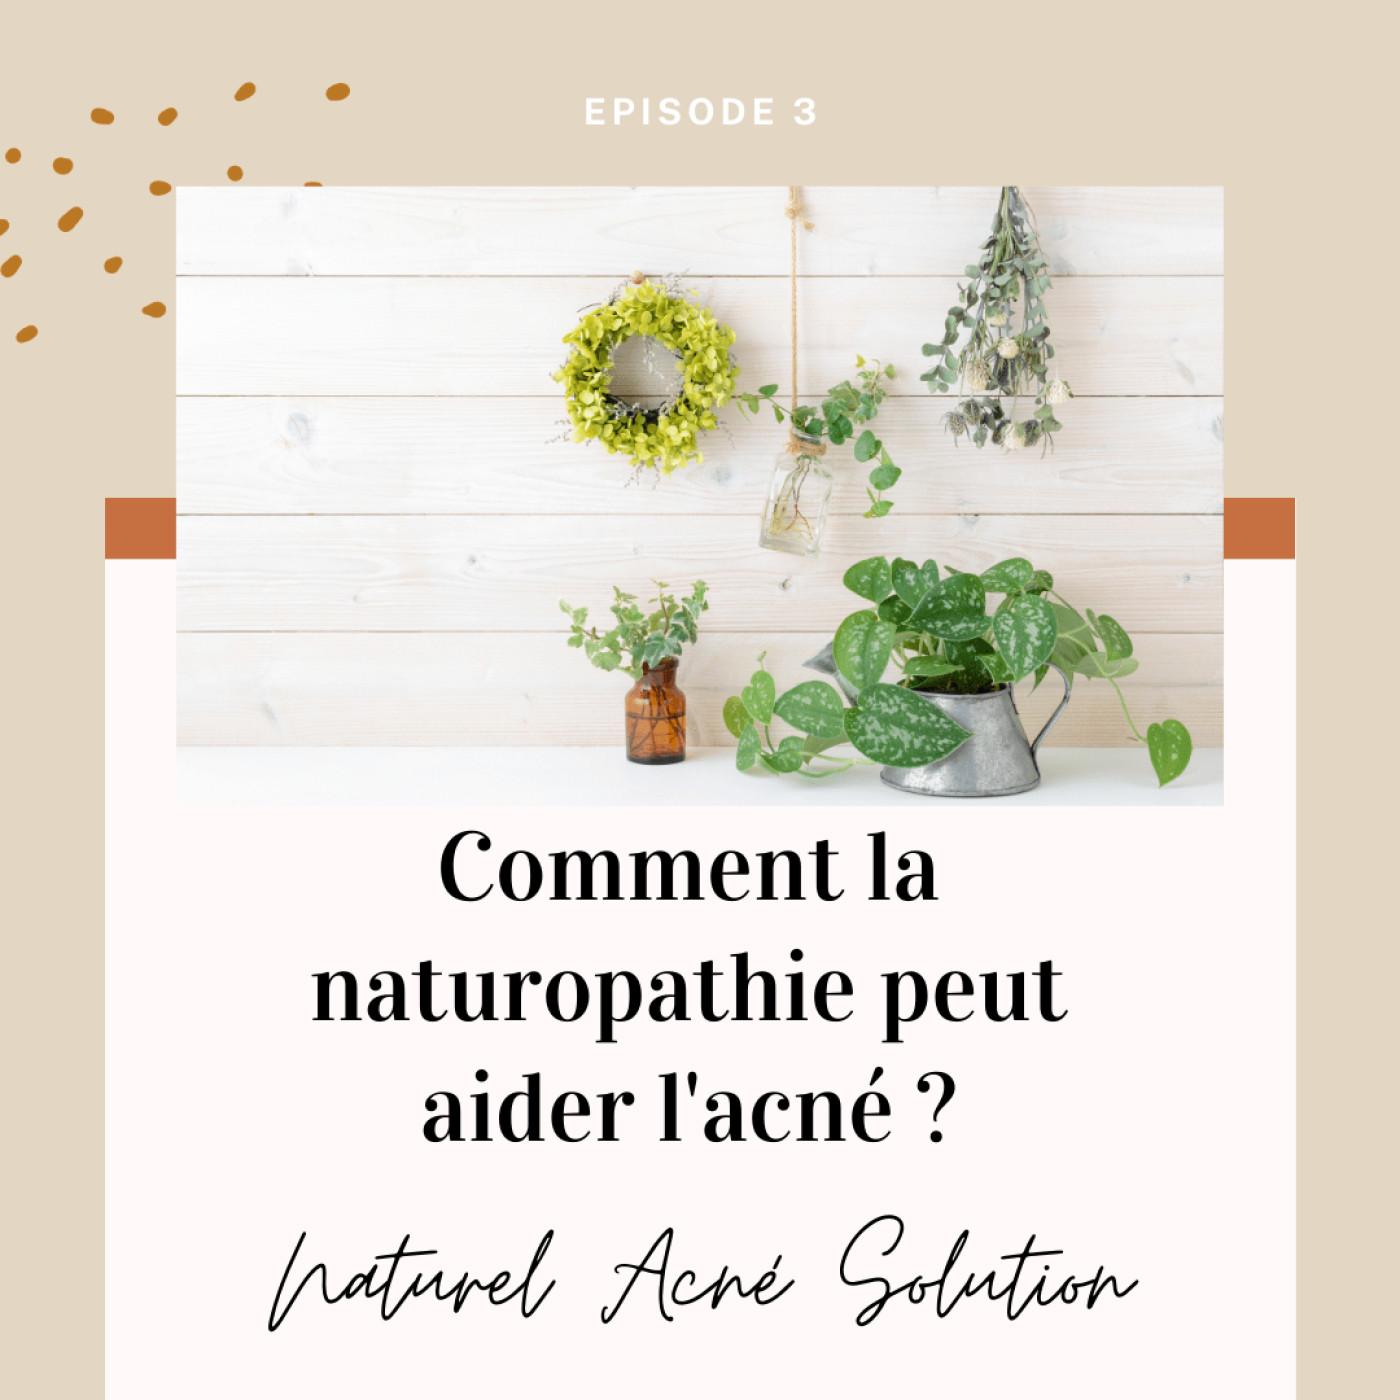 Episode 3 - Comment la naturopathie peut aider l'acné